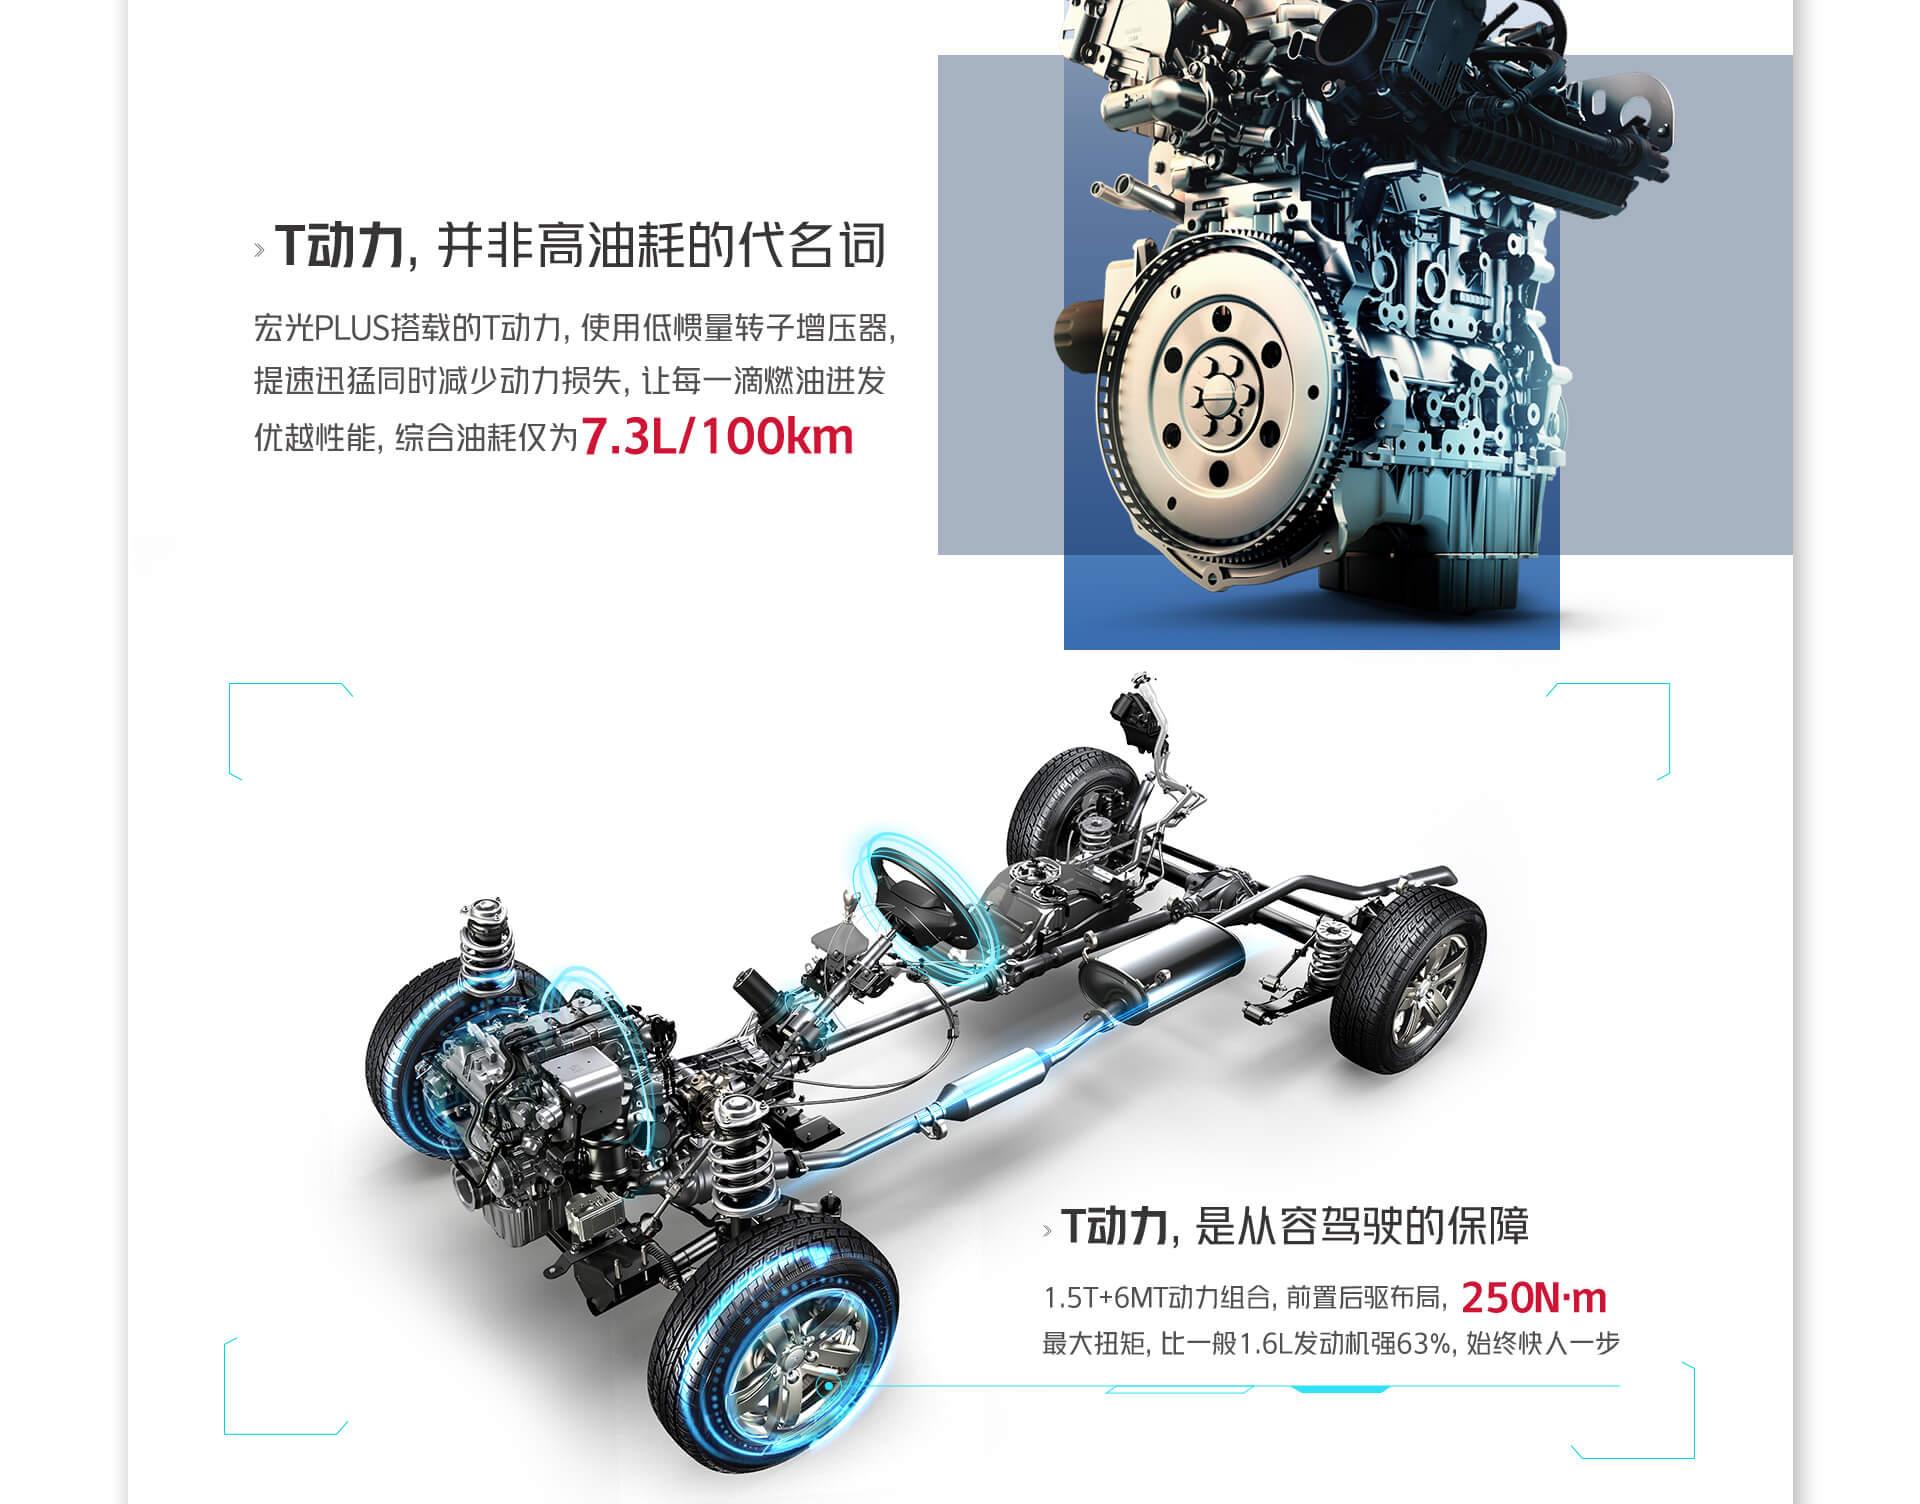 五菱(ling)宏光PLUS,宏光PLUS,五菱(ling)宏光,新車型(xing),發動機